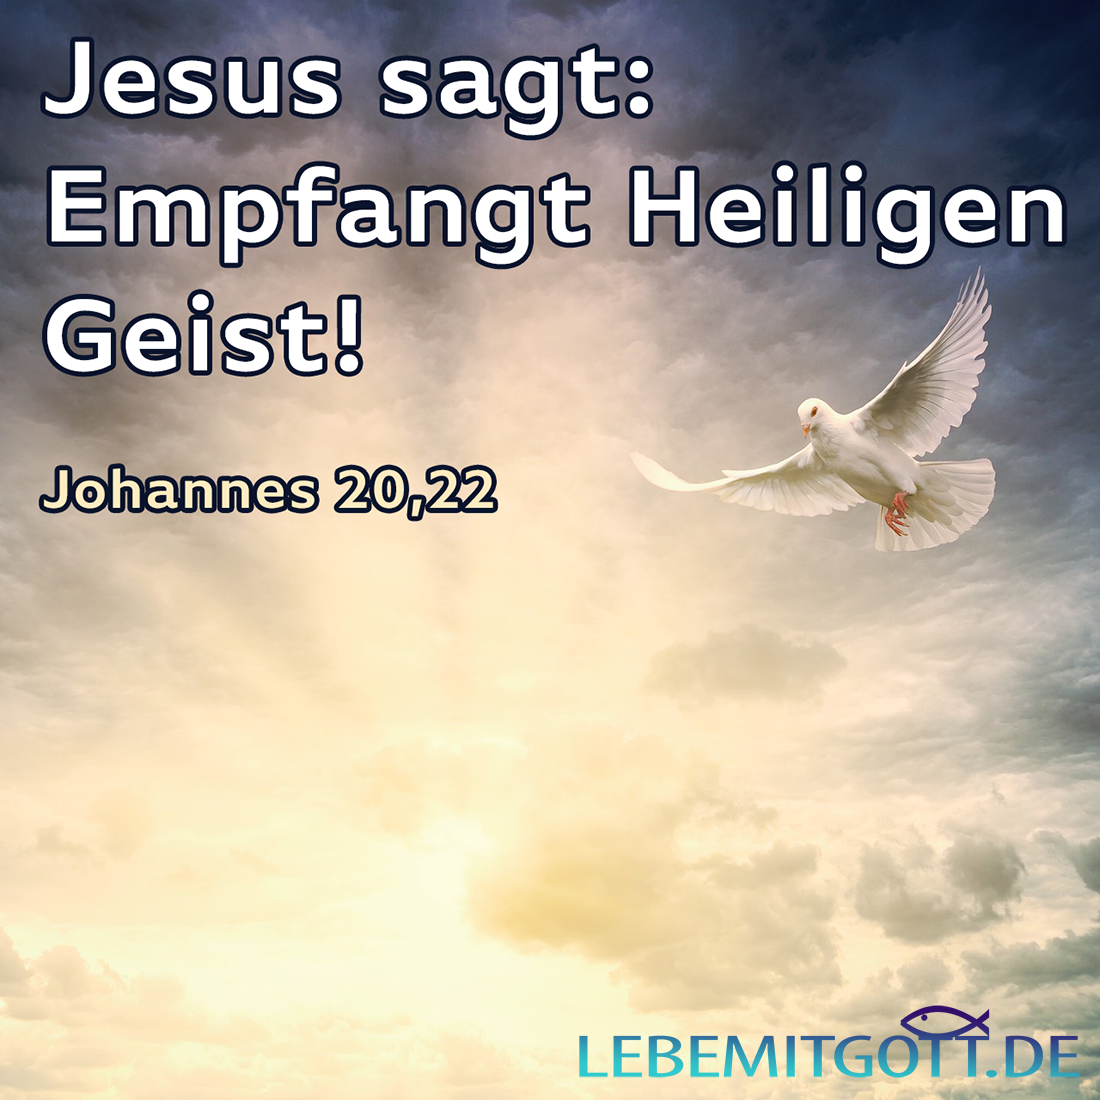 Empfangt Heiligen Geist